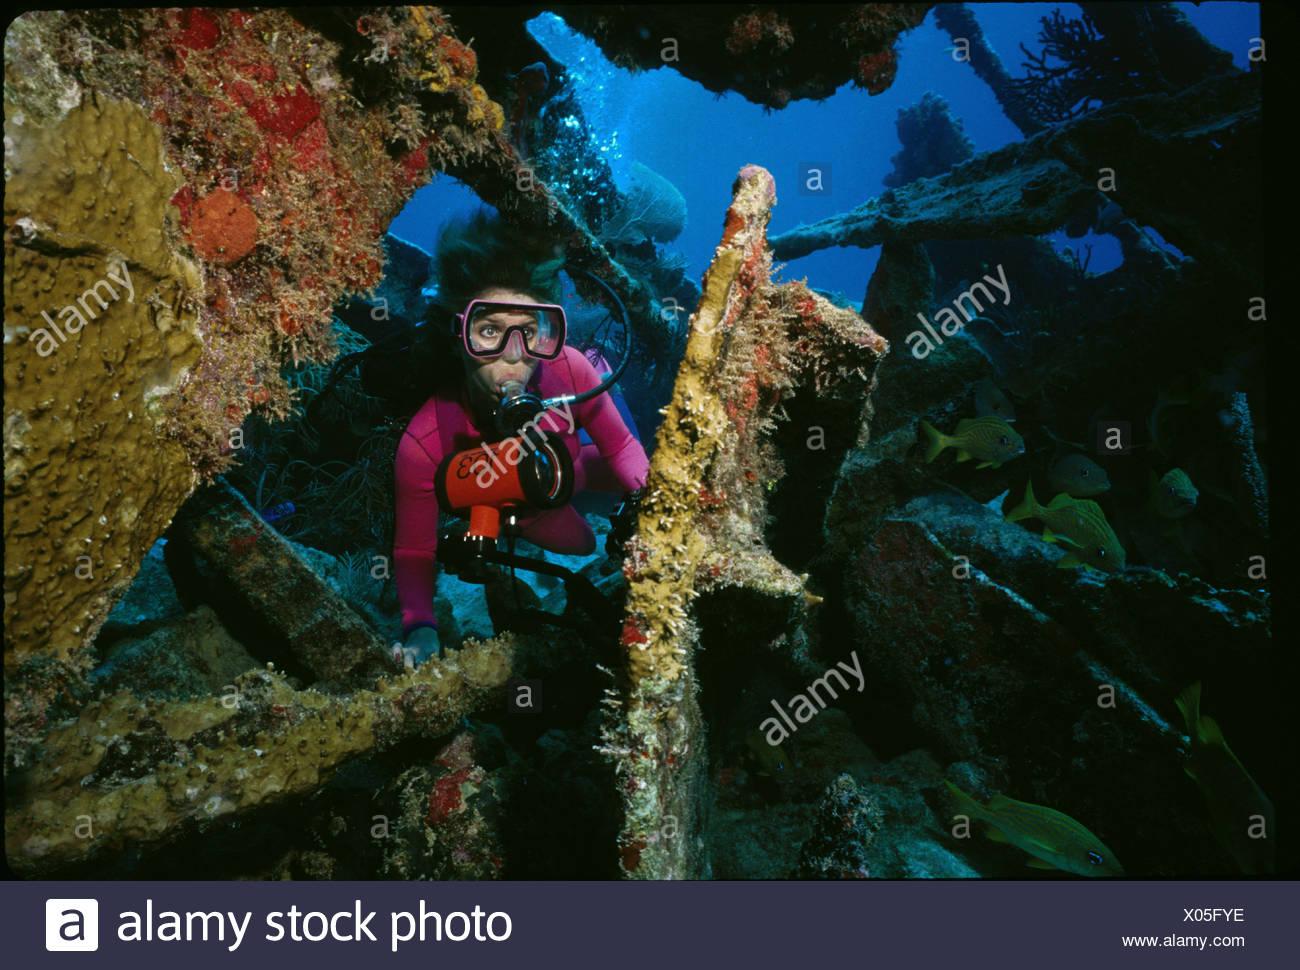 Gear Diving Stockfotos & Gear Diving Bilder - Seite 4 - Alamy